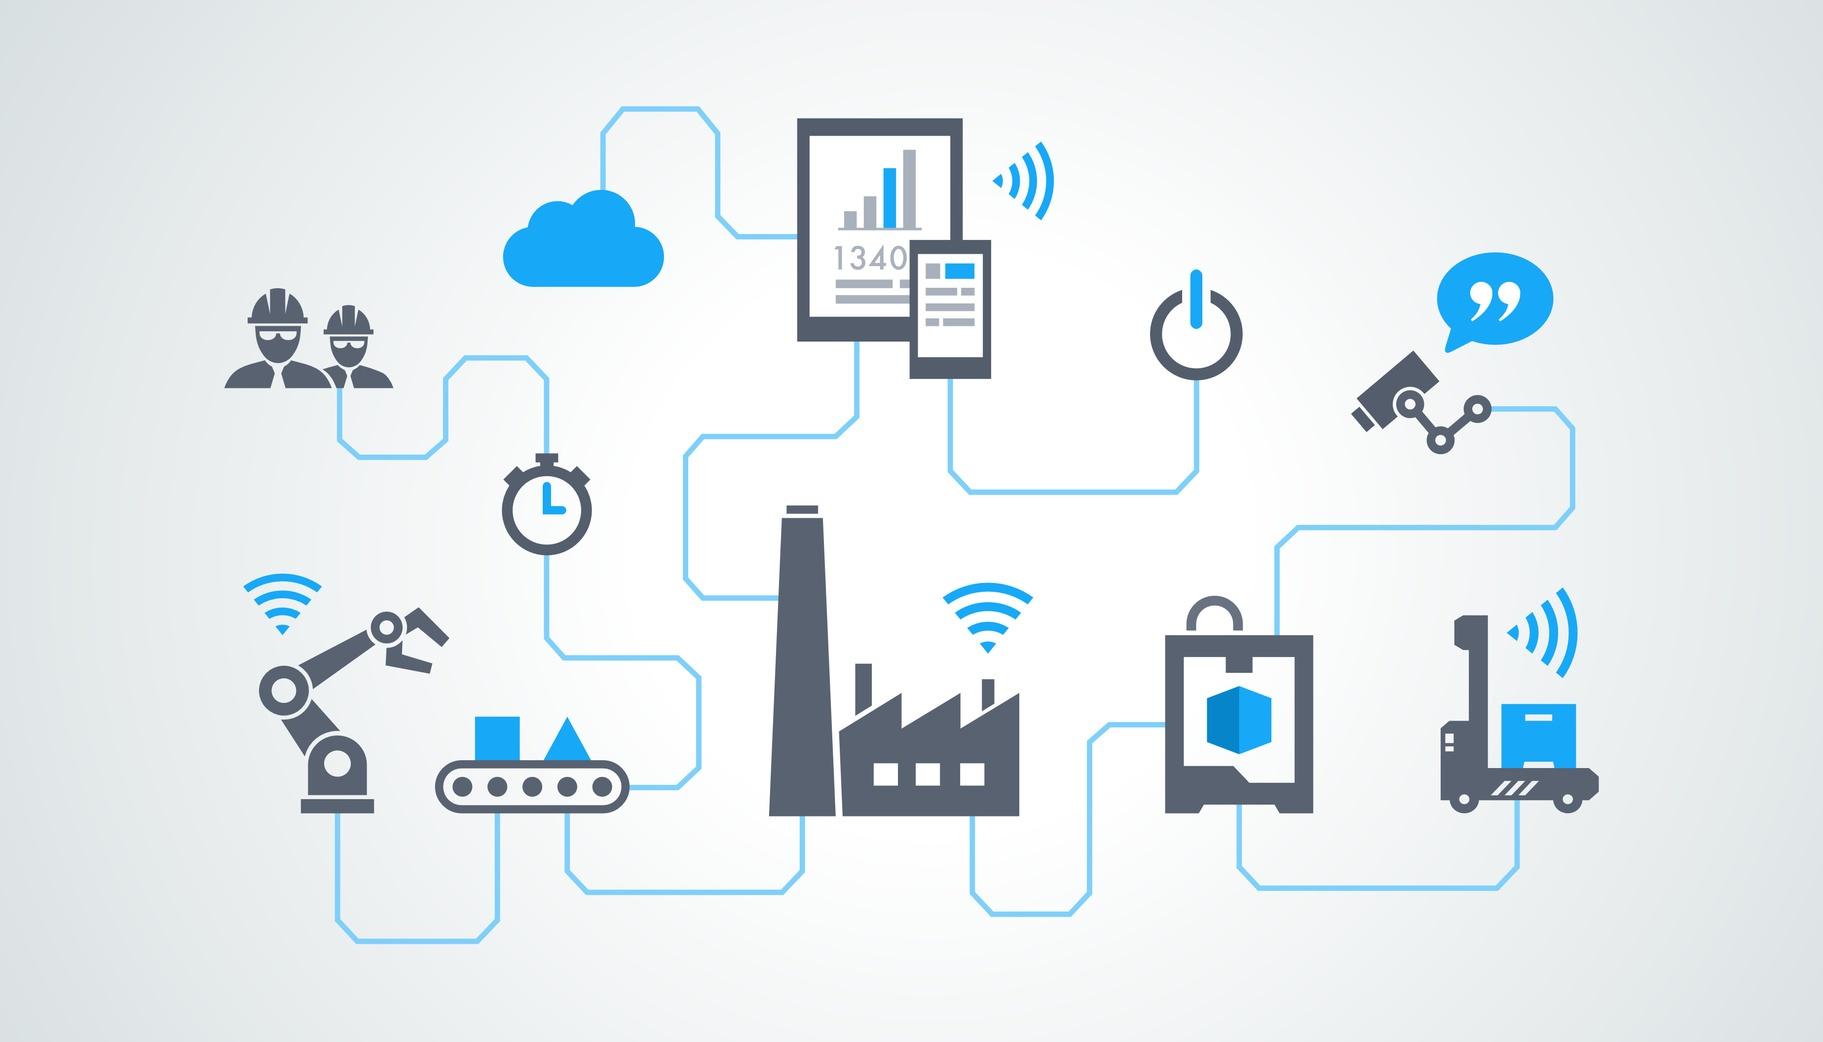 industrie 4.0 - usine du futur - 2016_11